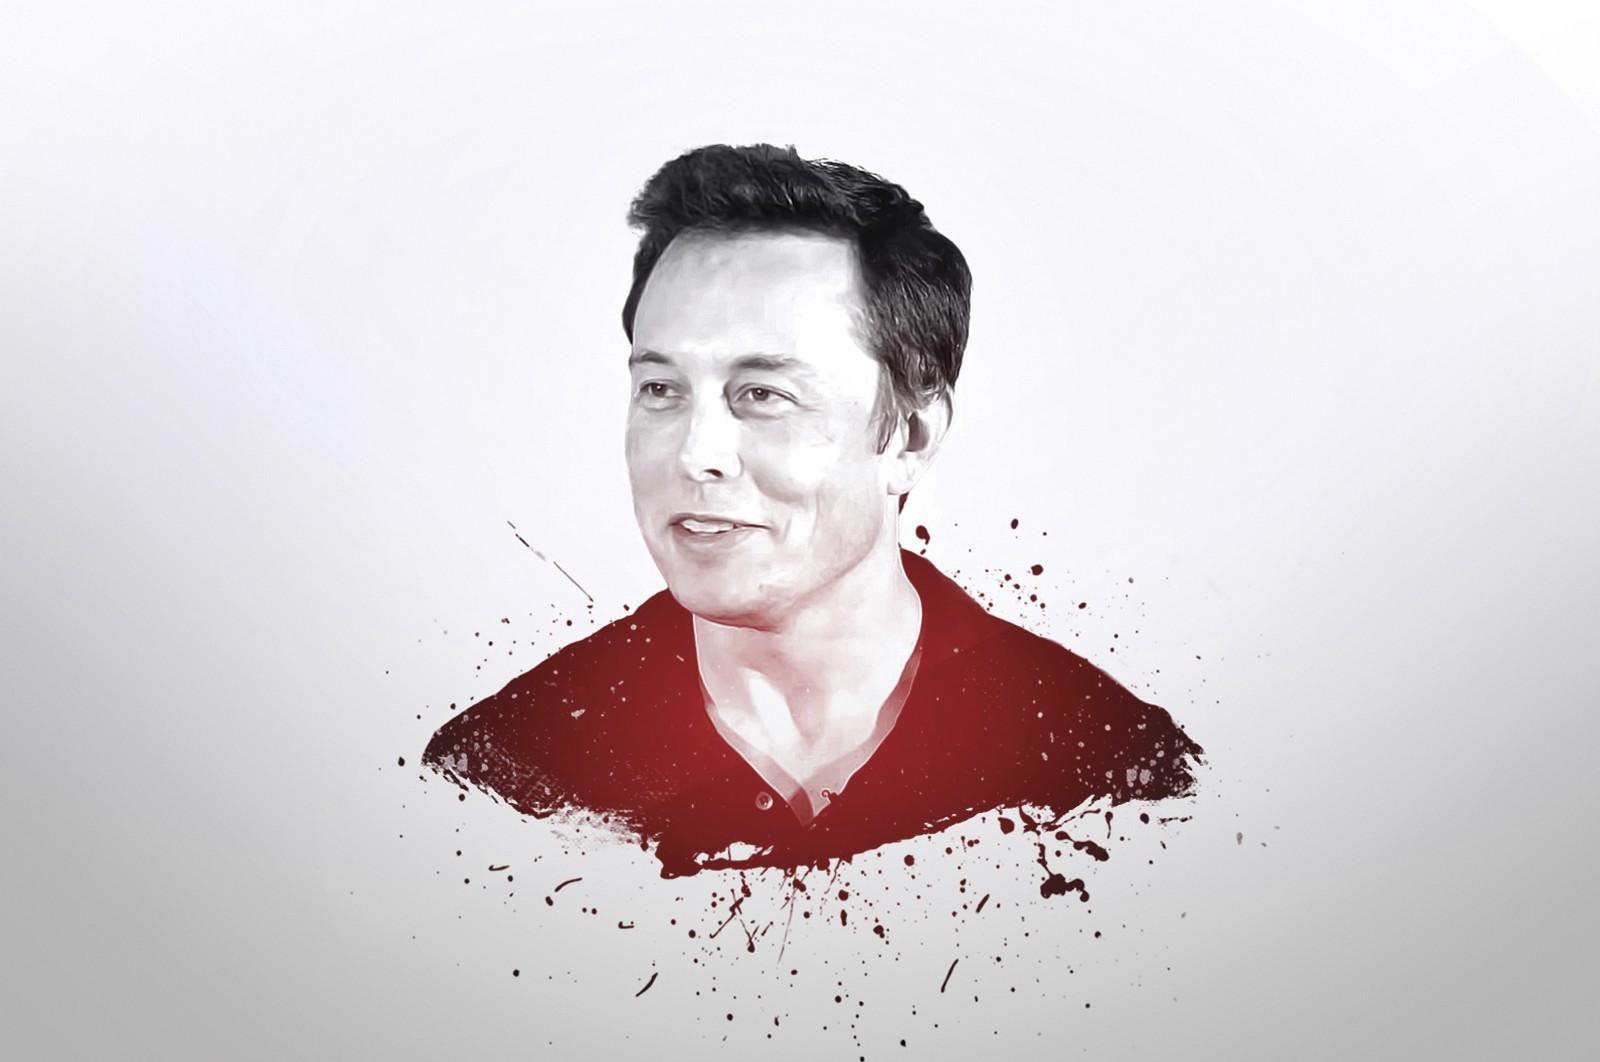 Καινοτόμησε όπως ο Elon Musk στο… Βιογραφικό του Σημείωμα!